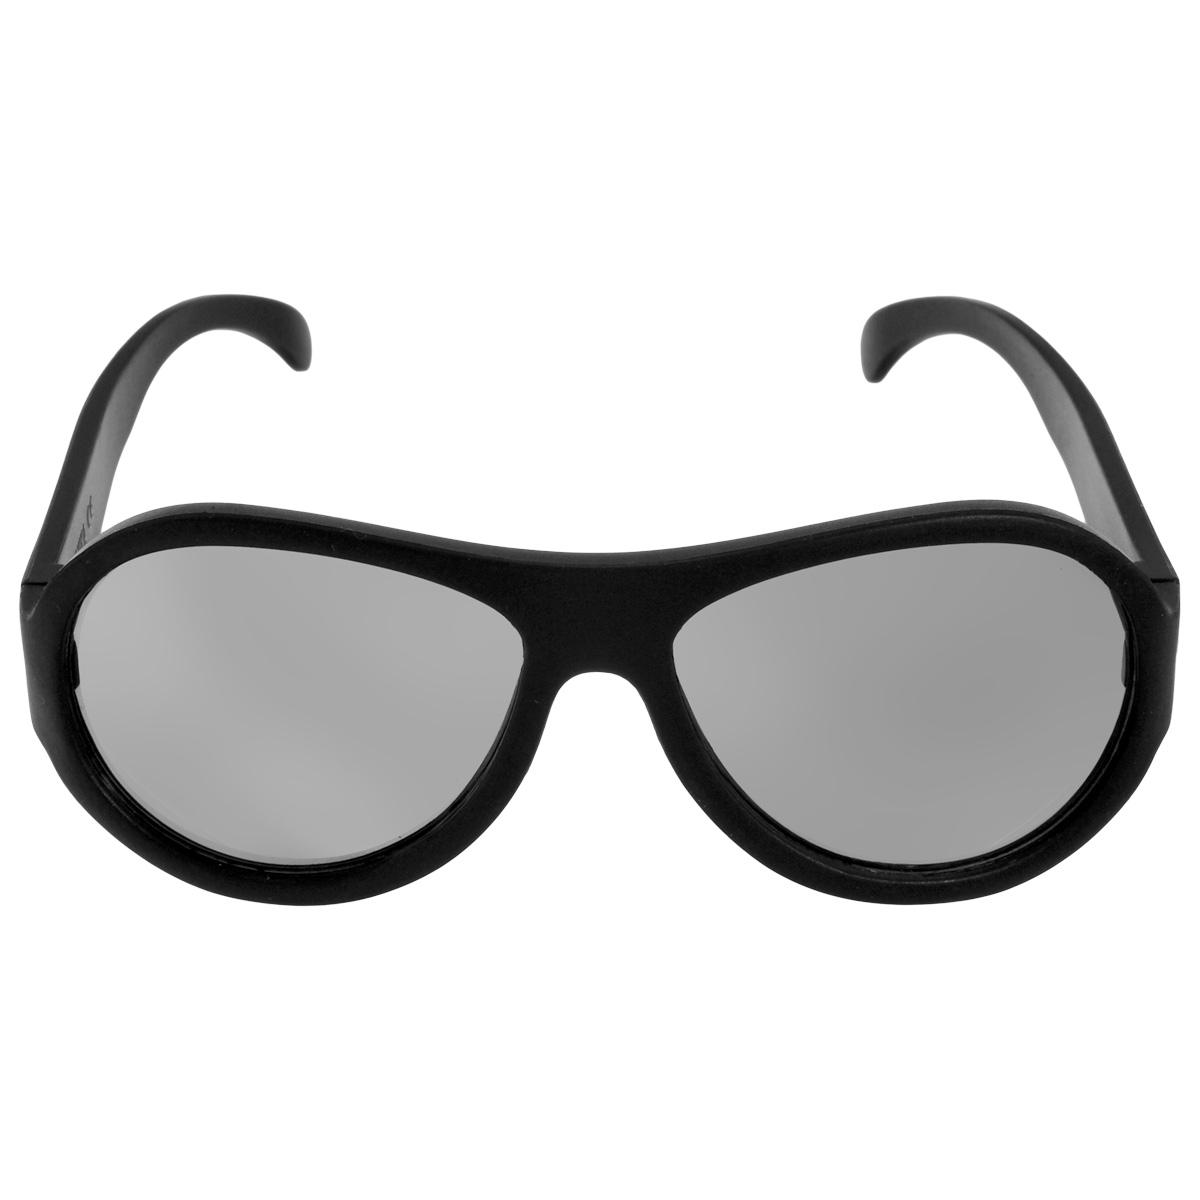 Детские солнцезащитные очки Babiators Спецназ (Black Ops), зеркальные линзы, цвет: черный, 7-14 летACE-001Каждый ребёнок - это Ас! Будь классным. Будь собой. Будь асом. Для Babiators каждый подросток - это Ас. Поэтому они создали очки Aces для всех детей в возрасте от 7-14 такими, чтобы те могли выразить свой крутой стиль всюду, куда бы ни пошли. Вы делаете все возможное, чтобы ваши дети были здоровы и в безопасности. Шлемы для езды на велосипеде, солнцезащитный крем для прогулок на солнце... Но как насчёт влияния солнца на глазах вашего ребёнка? Правда в том, что сетчатка глаза у детей развивается вместе с самим ребёнком. Это означает, что глаза малышей не могут отфильтровать УФ-излучение. Проблема понятна - детям нужна настоящая защита, чтобы глазки были в безопасности, а зрение сильным. Каждая пара солнцезащитных очков Babiators для детей обеспечивает 100% защиту от UVA и UVB. Прочные линзы высшего качества не подведут в самых сложных переделках. В отличие от обычных пластиковых очков, оправа Babiators выполнена из гибкого прорезиненного материала, что делает их...